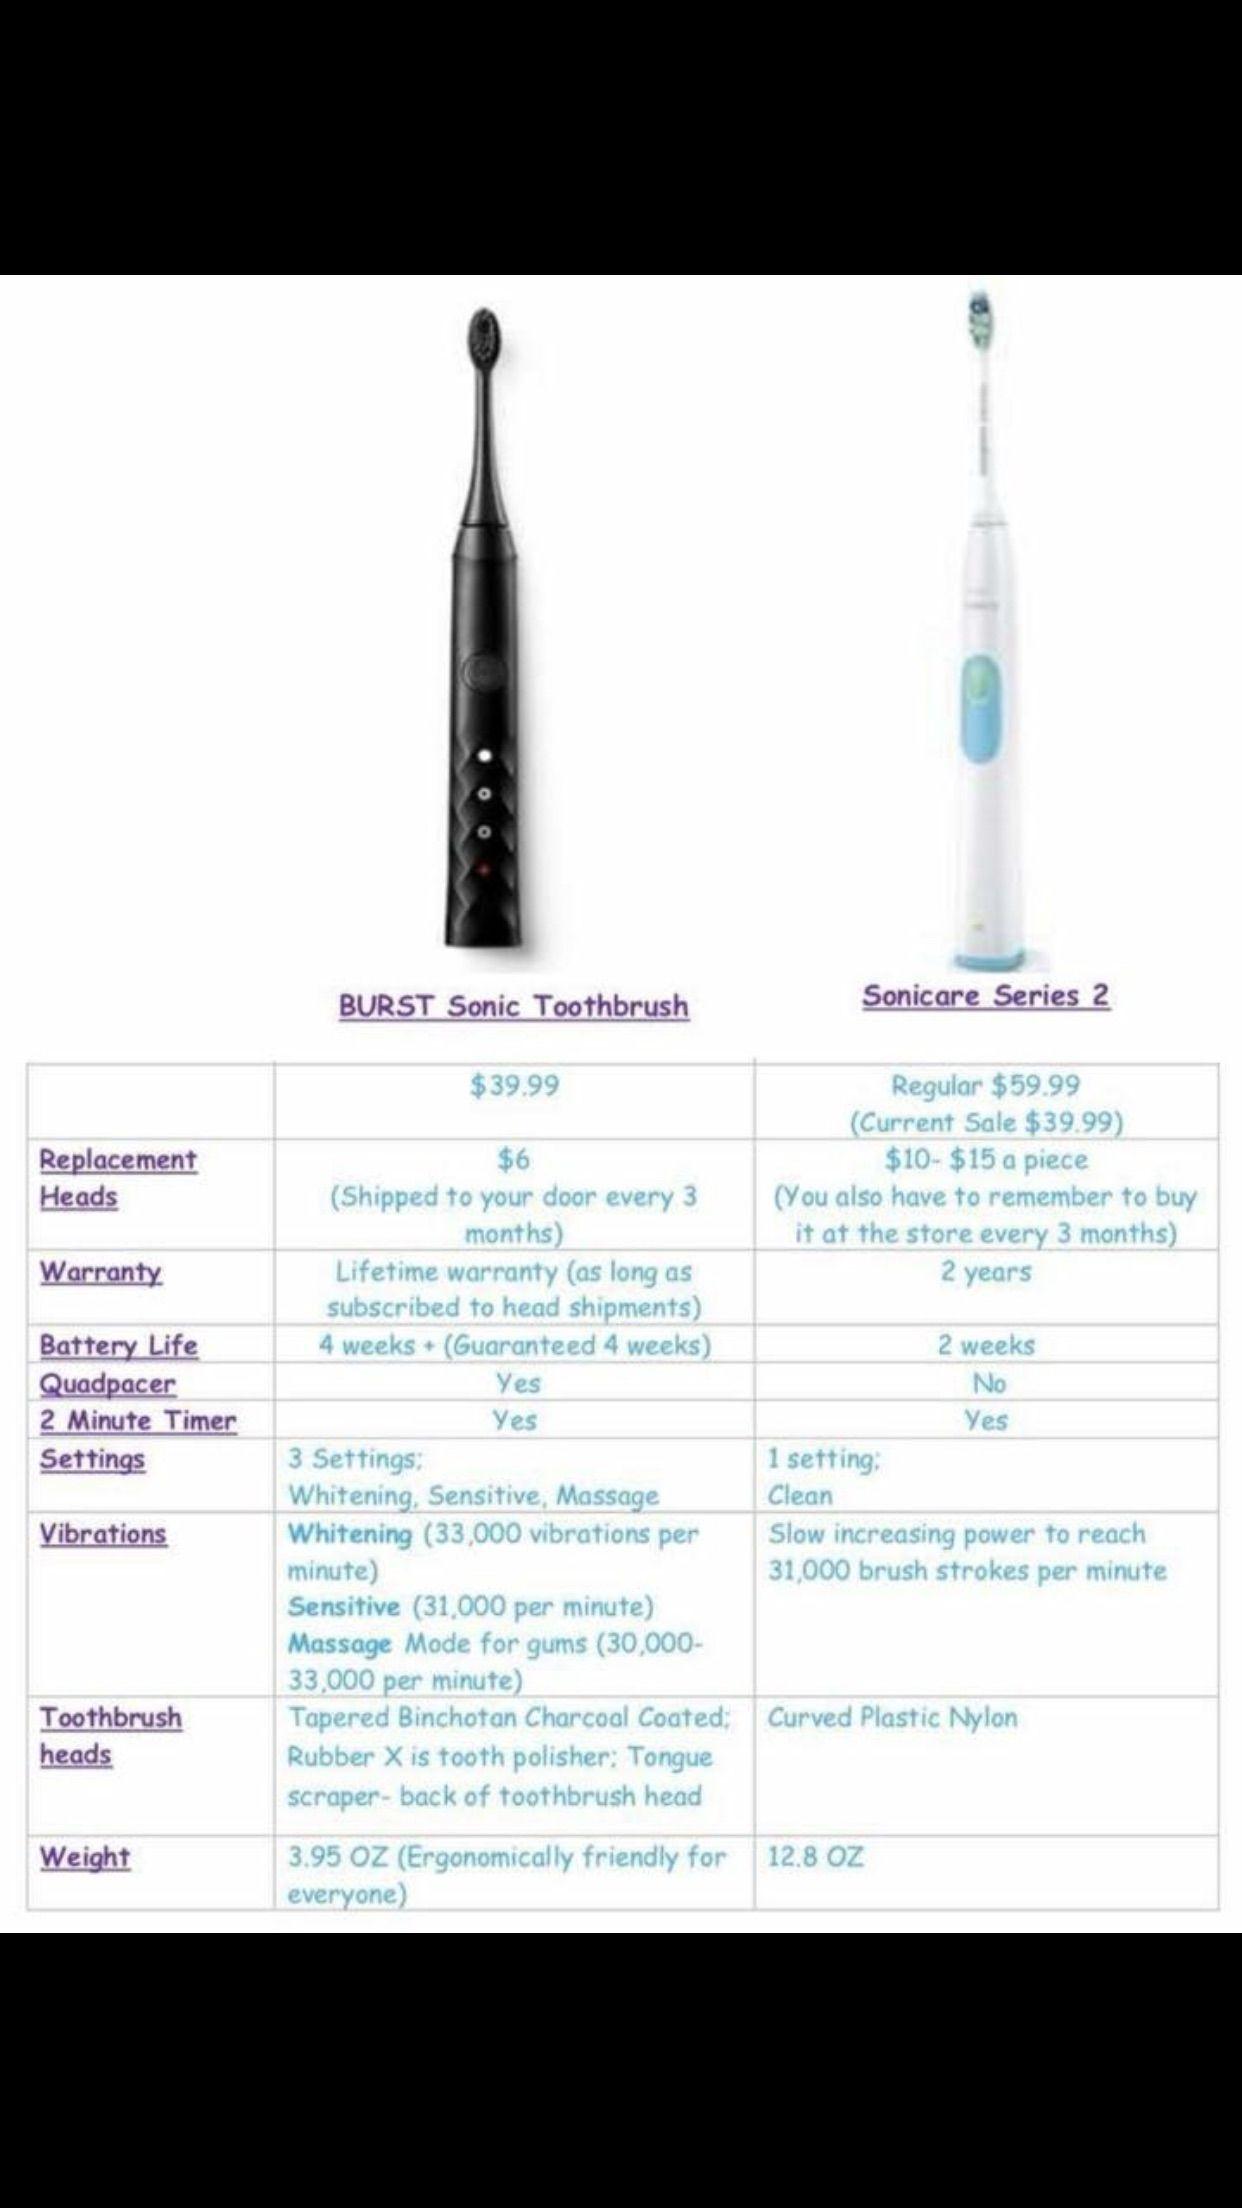 The BURST sonic toothbrush | dental hygiene | Pinterest | Sonic ...